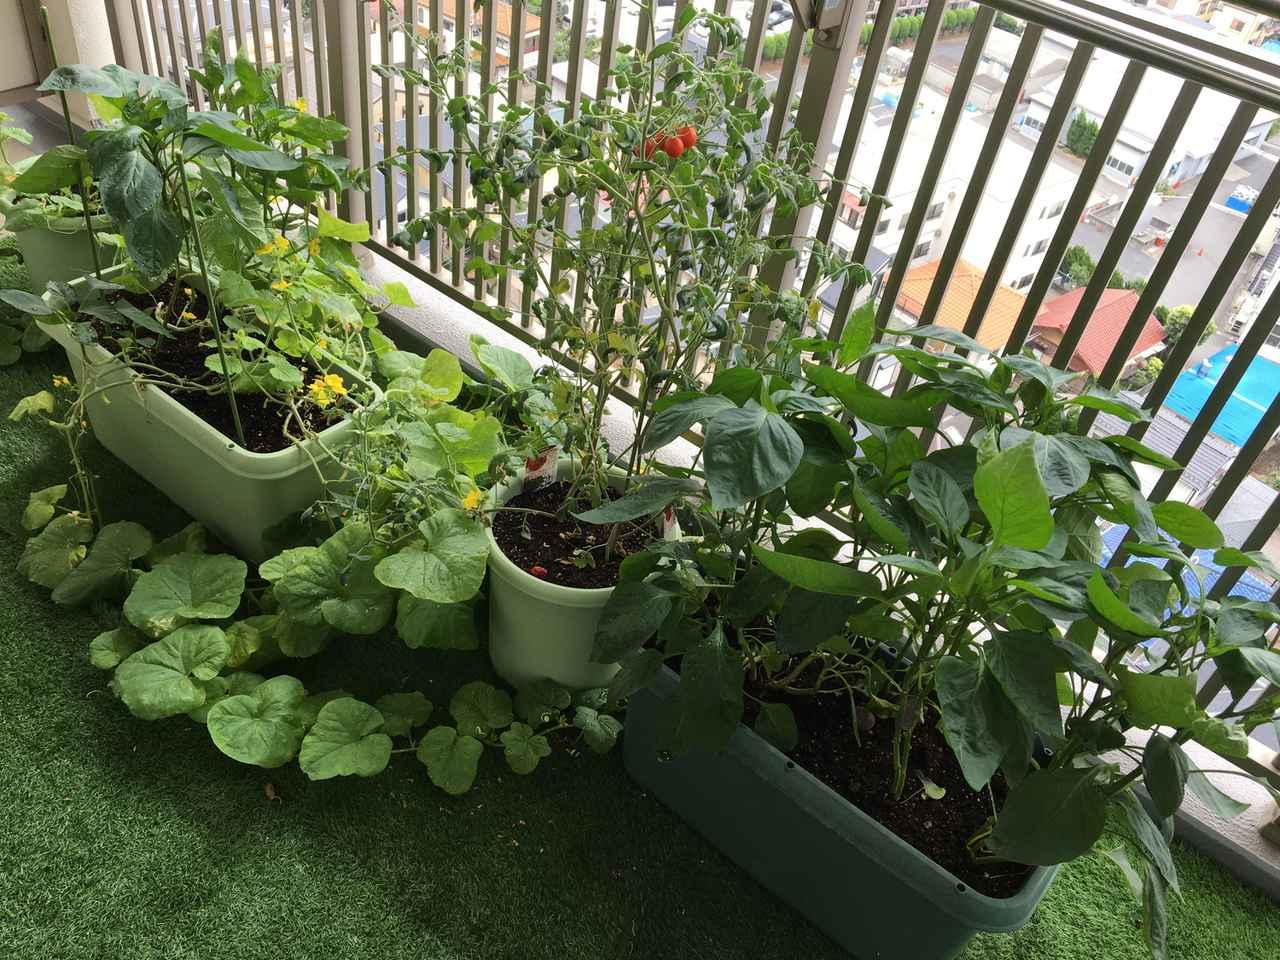 画像: 家庭菜園をベランダで簡単にやるならプランターがおすすめ!ミニトマト・オクラ・しそ・葉ねぎ等が作れる